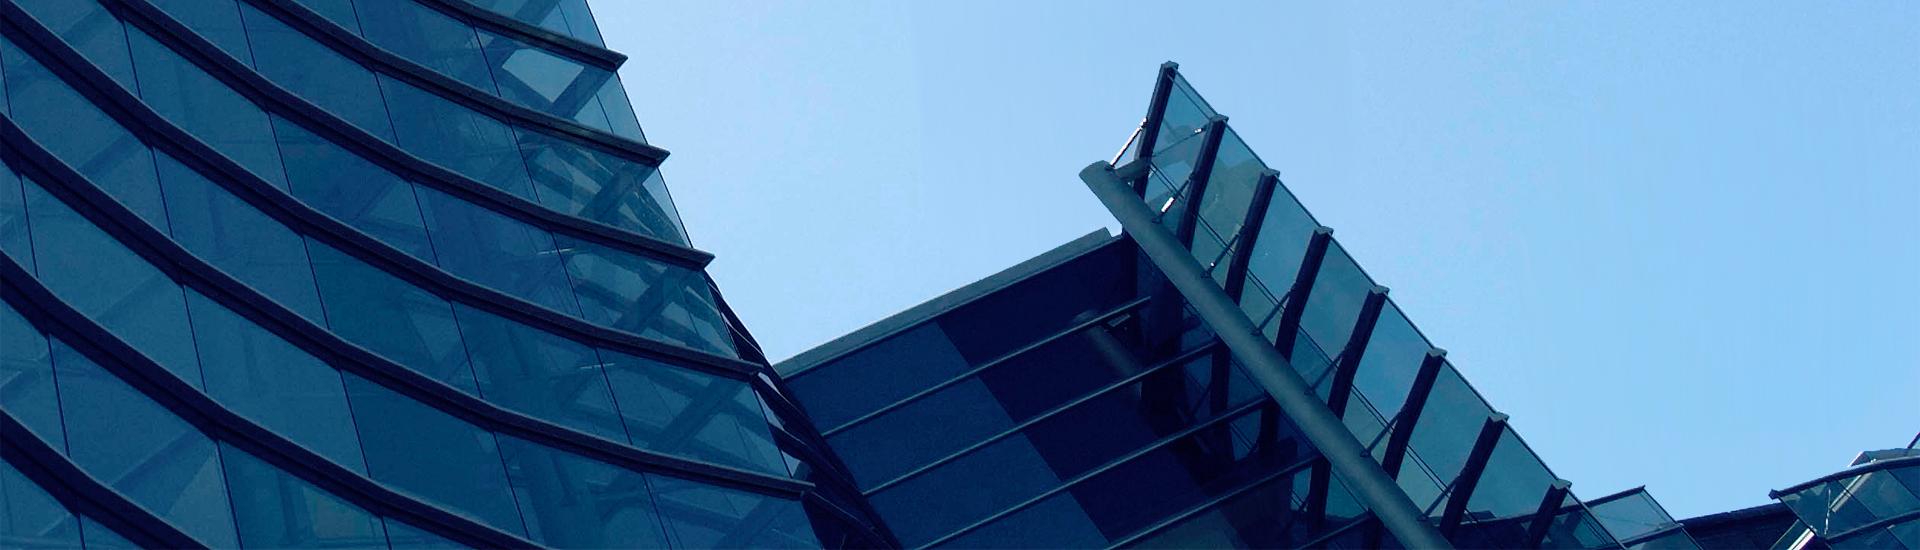 building-sky-04-5